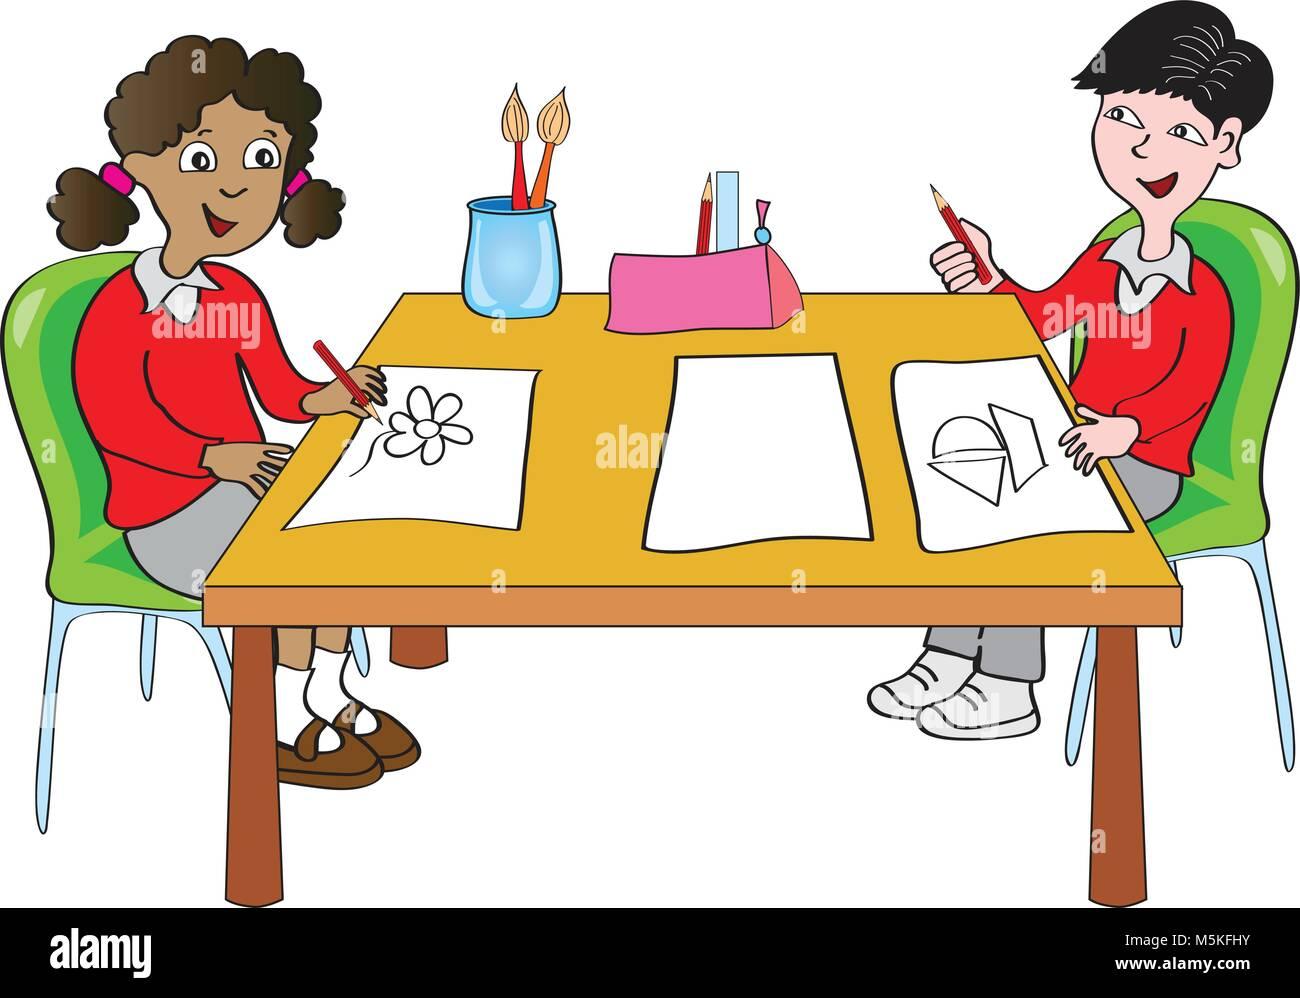 Cartoon Drawing Class Stock Photos & Cartoon Drawing Class ...